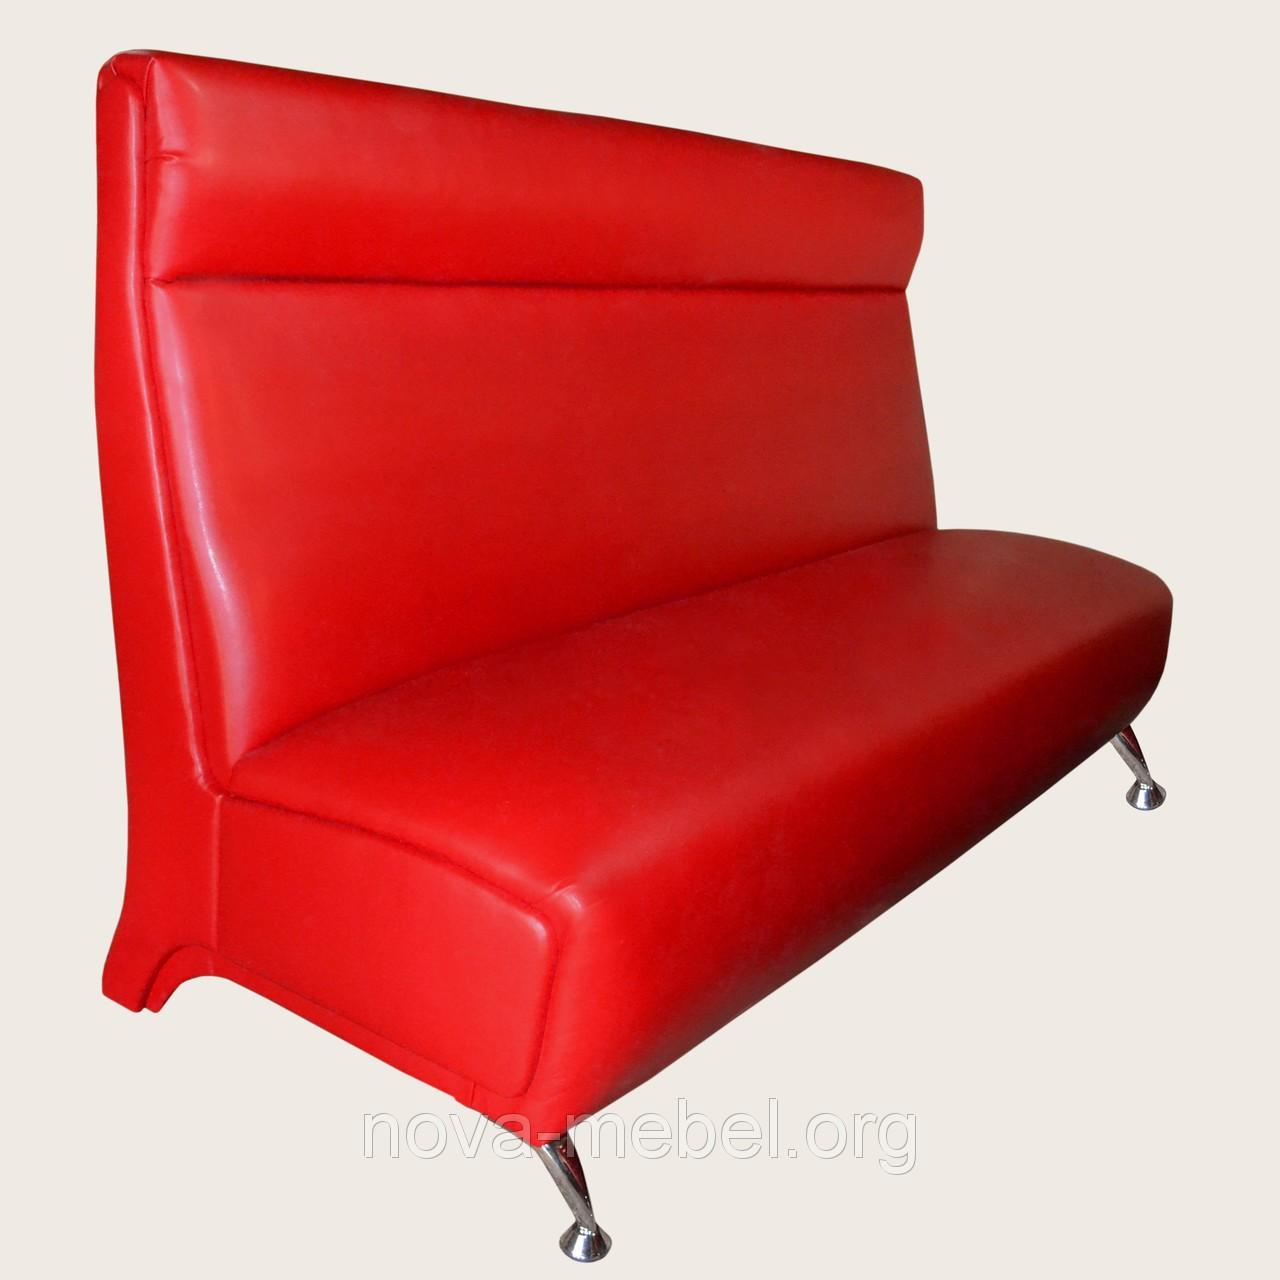 Мягкий диван для бара